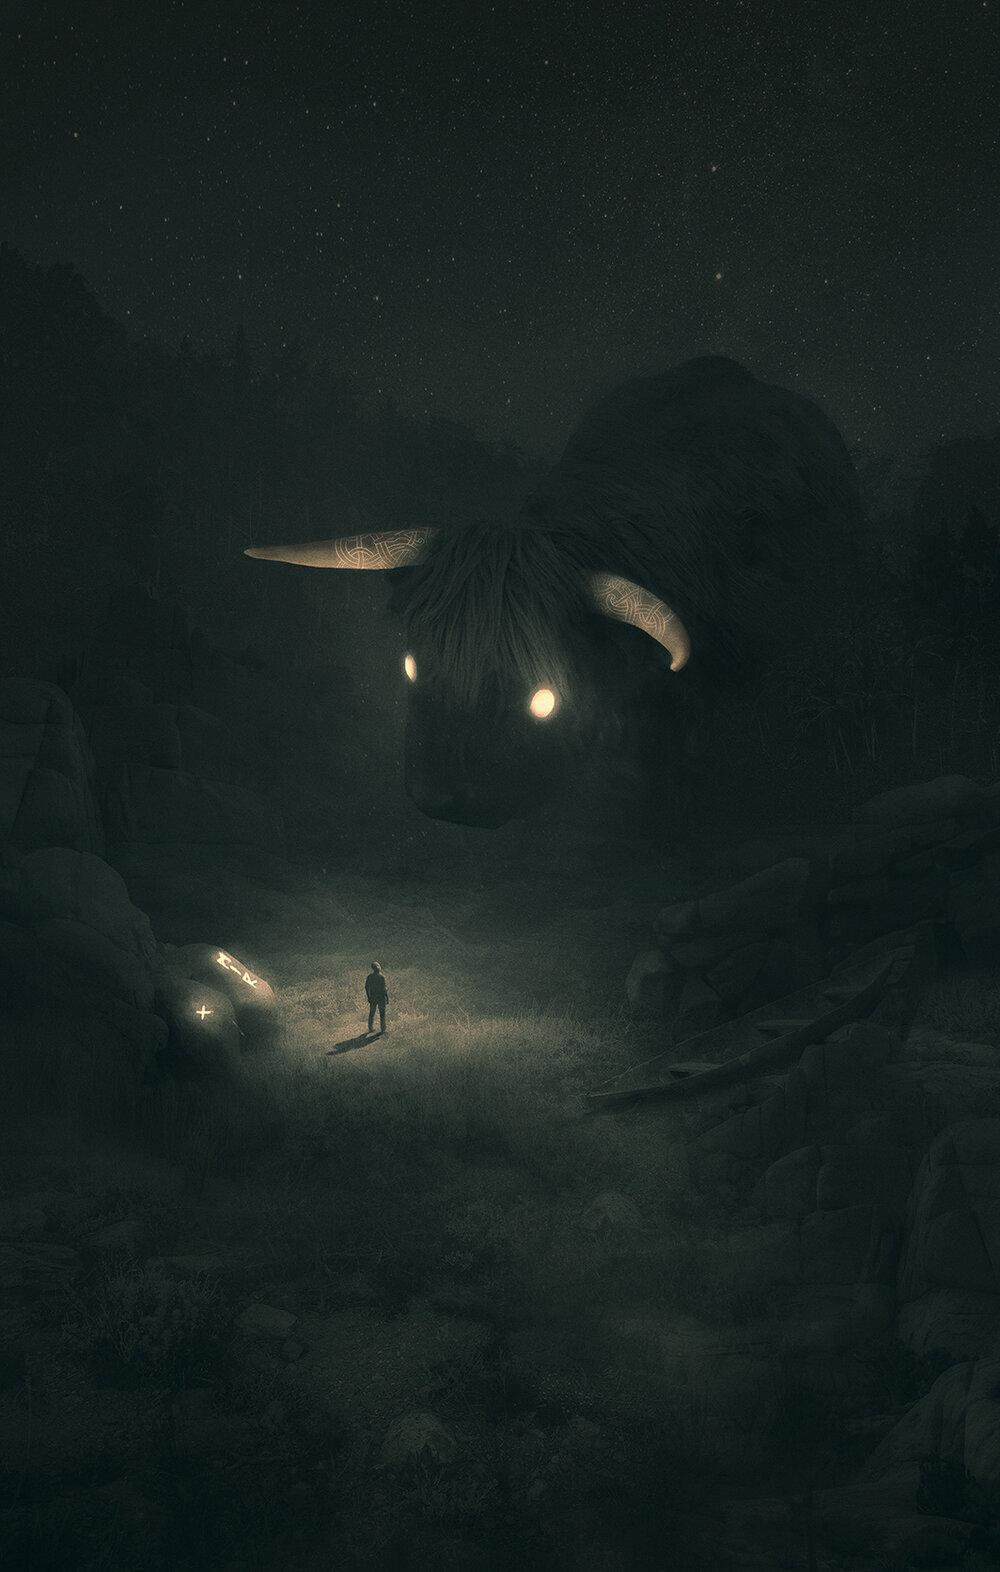 dawid-planeta3.jpg